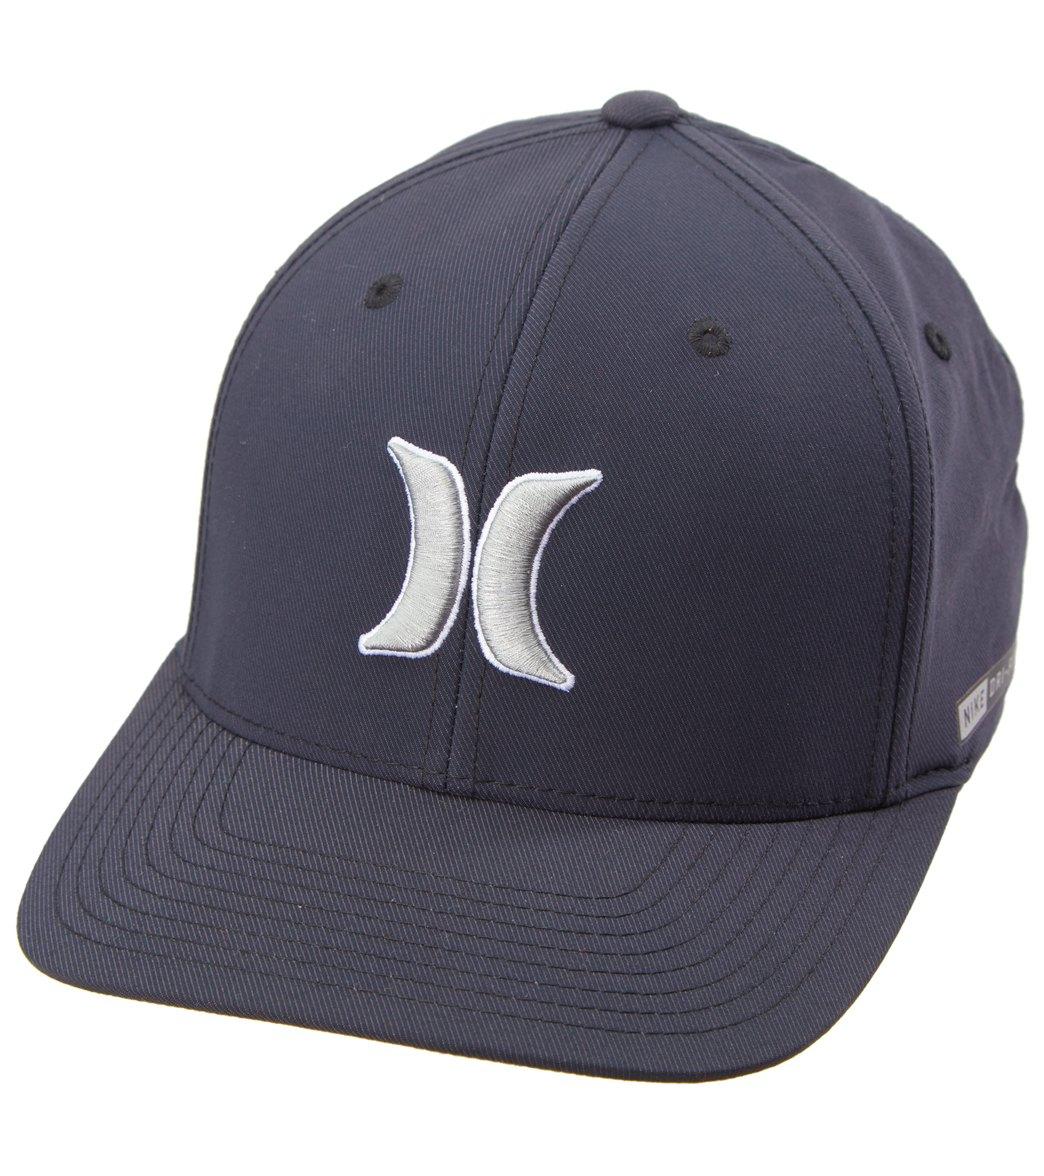 wholesale dealer 91dac e9b08 ... Hurley Men s Dri-Fit Outline 2.0 Hat. Share